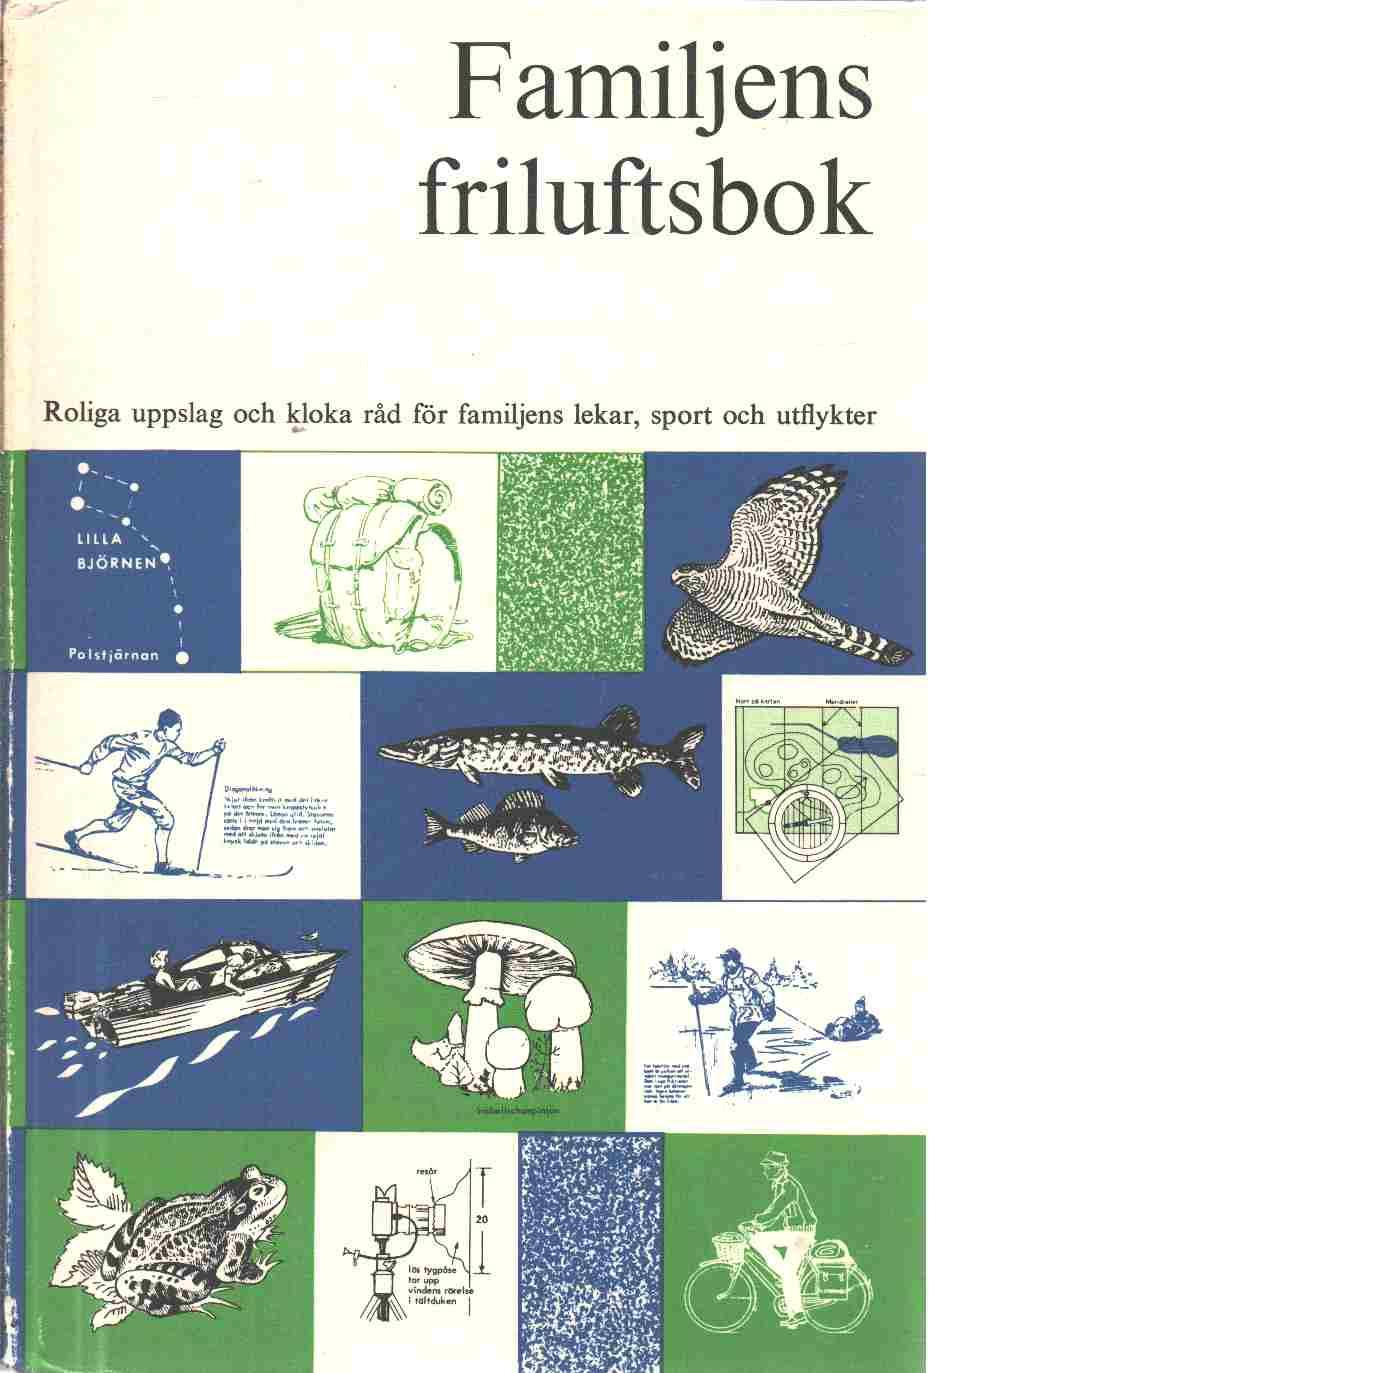 Familjens friluftsbok - Red.